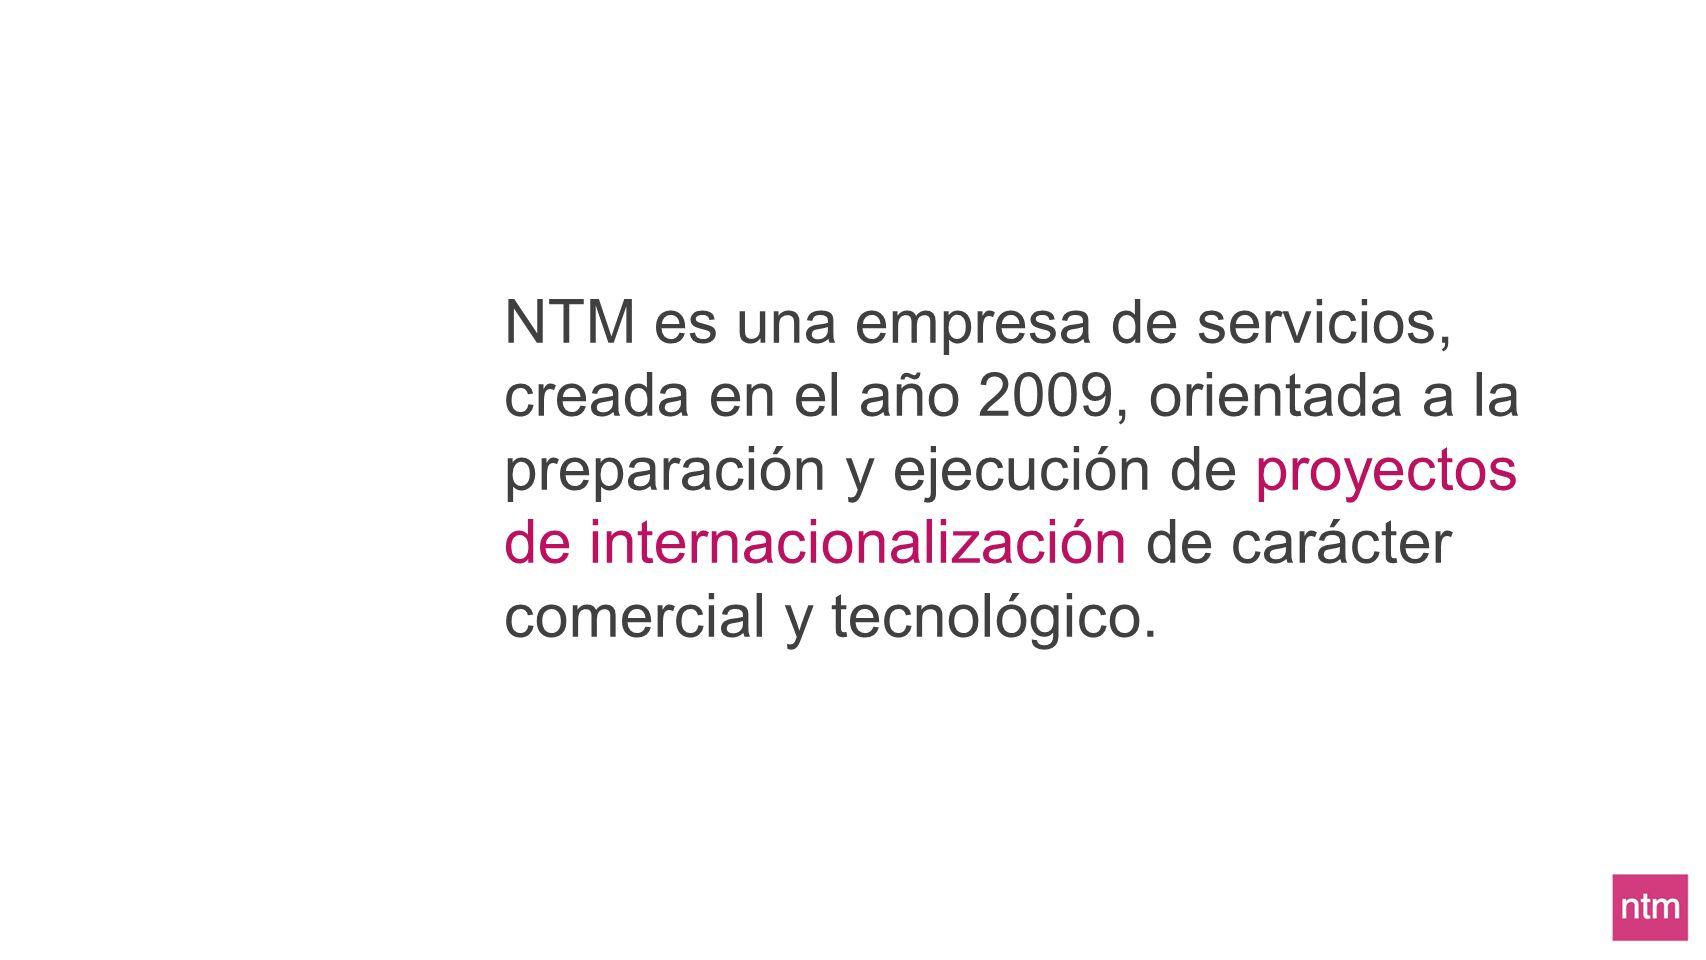 NTM es una empresa de servicios, creada en el año 2009, orientada a la preparación y ejecución de proyectos de internacionalización de carácter comerc